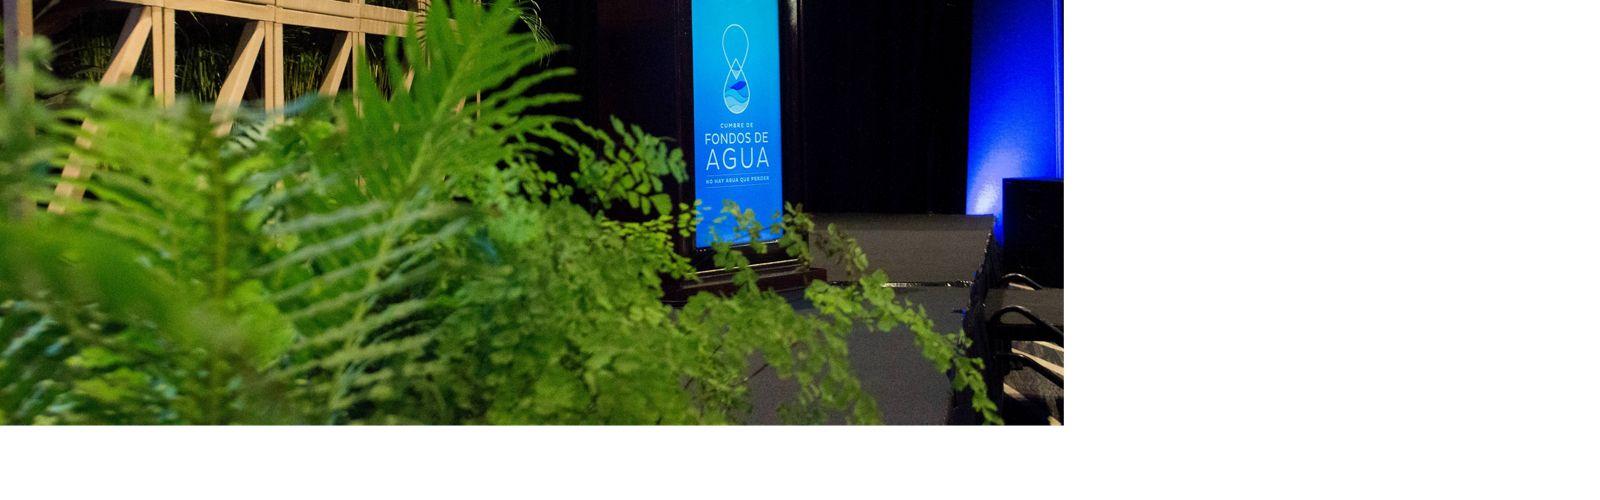 Cumbre de los Fondos de Agua